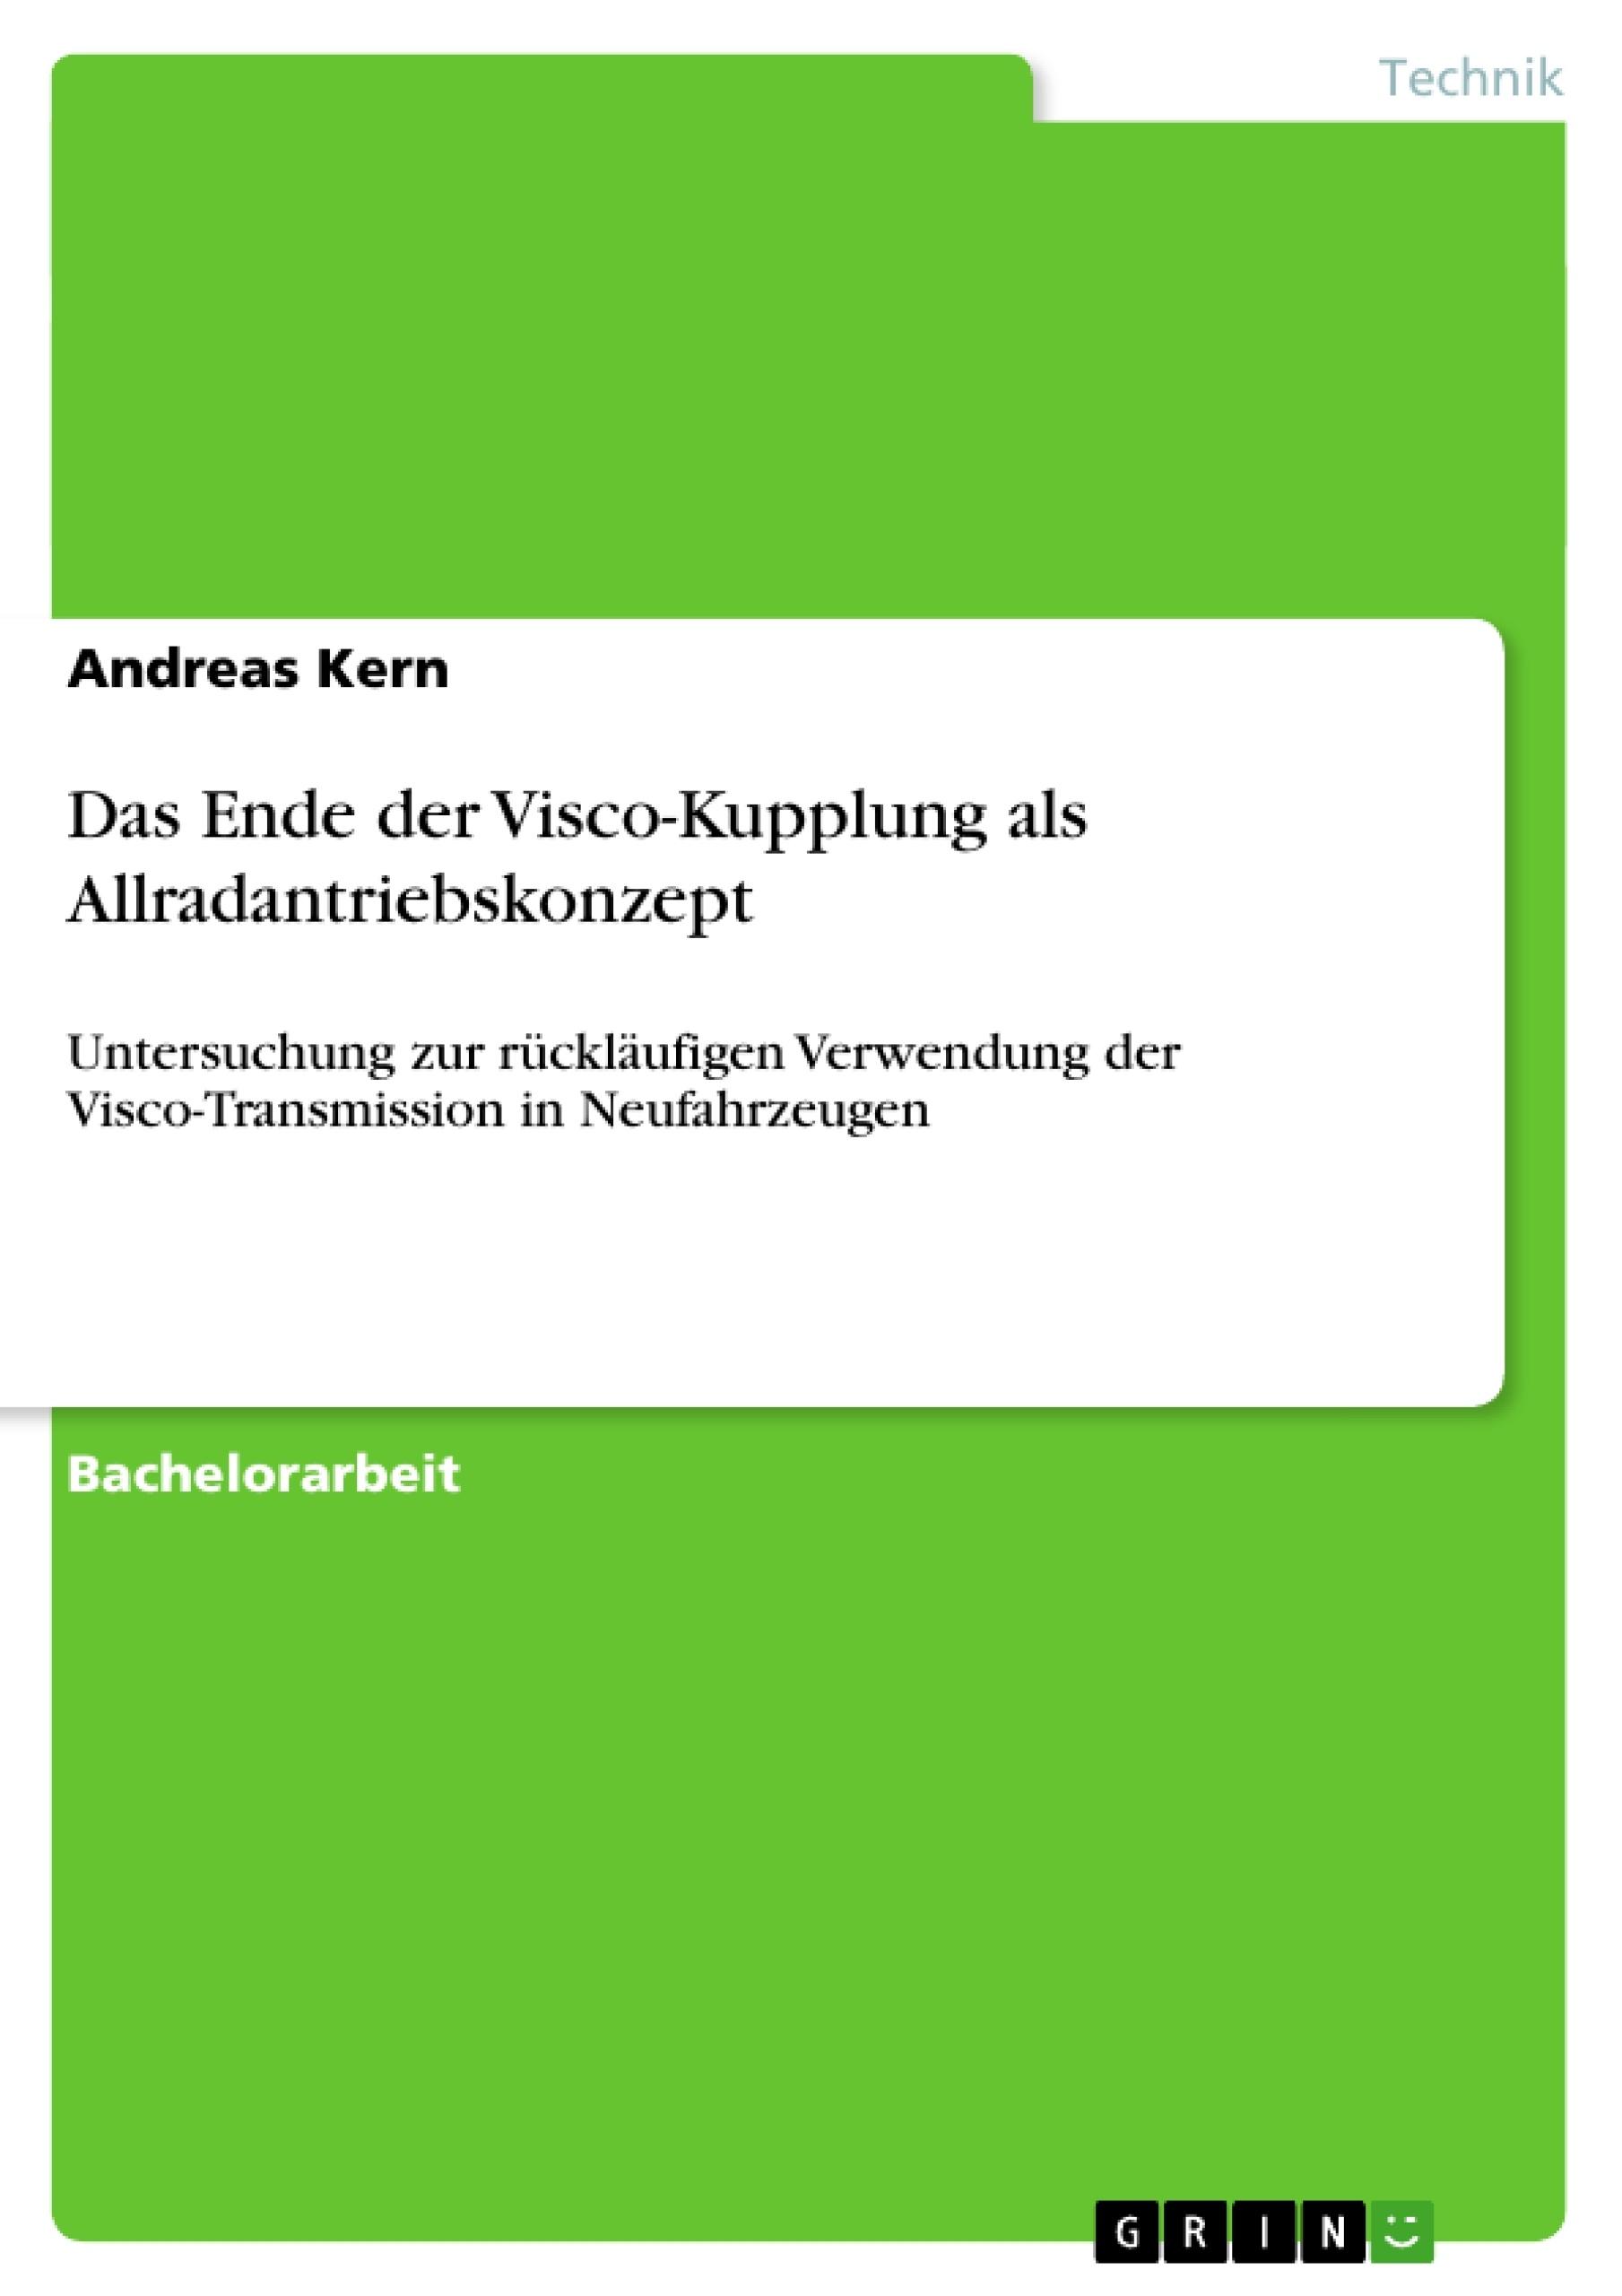 Titel: Das Ende der Visco-Kupplung als Allradantriebskonzept